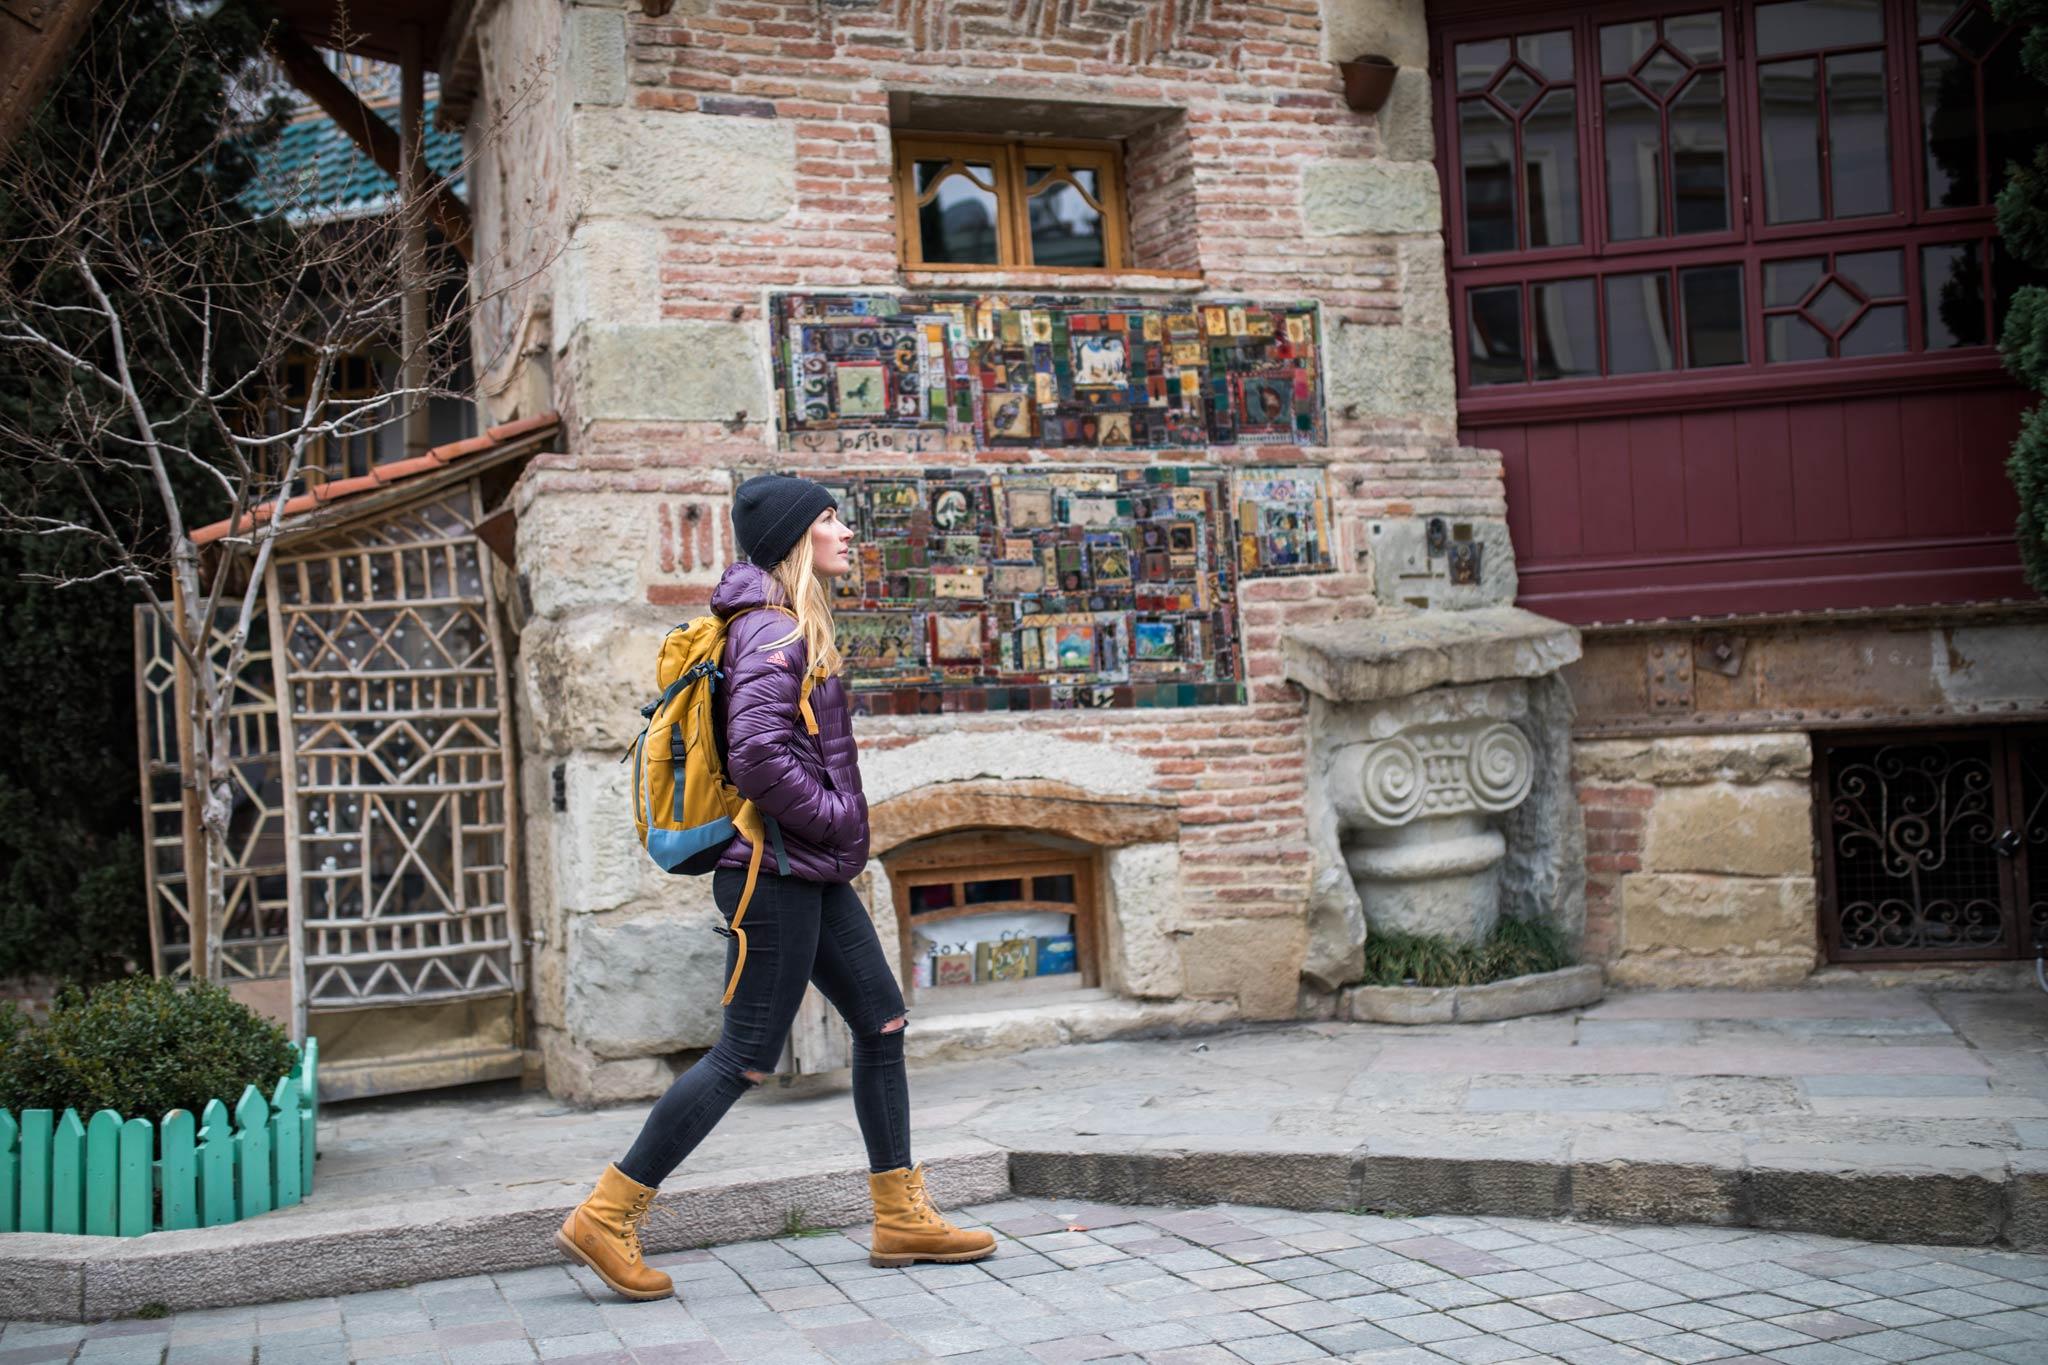 Neben dem Skifahren interessierten sich Caja und Sandra auch für die Kultur in Georgien. Land und Leute hat sie überzeugt und vor allem die Hauptstadt Tiflis hat es ihnen besonders angetan. - Foto: Thomas Marzusch